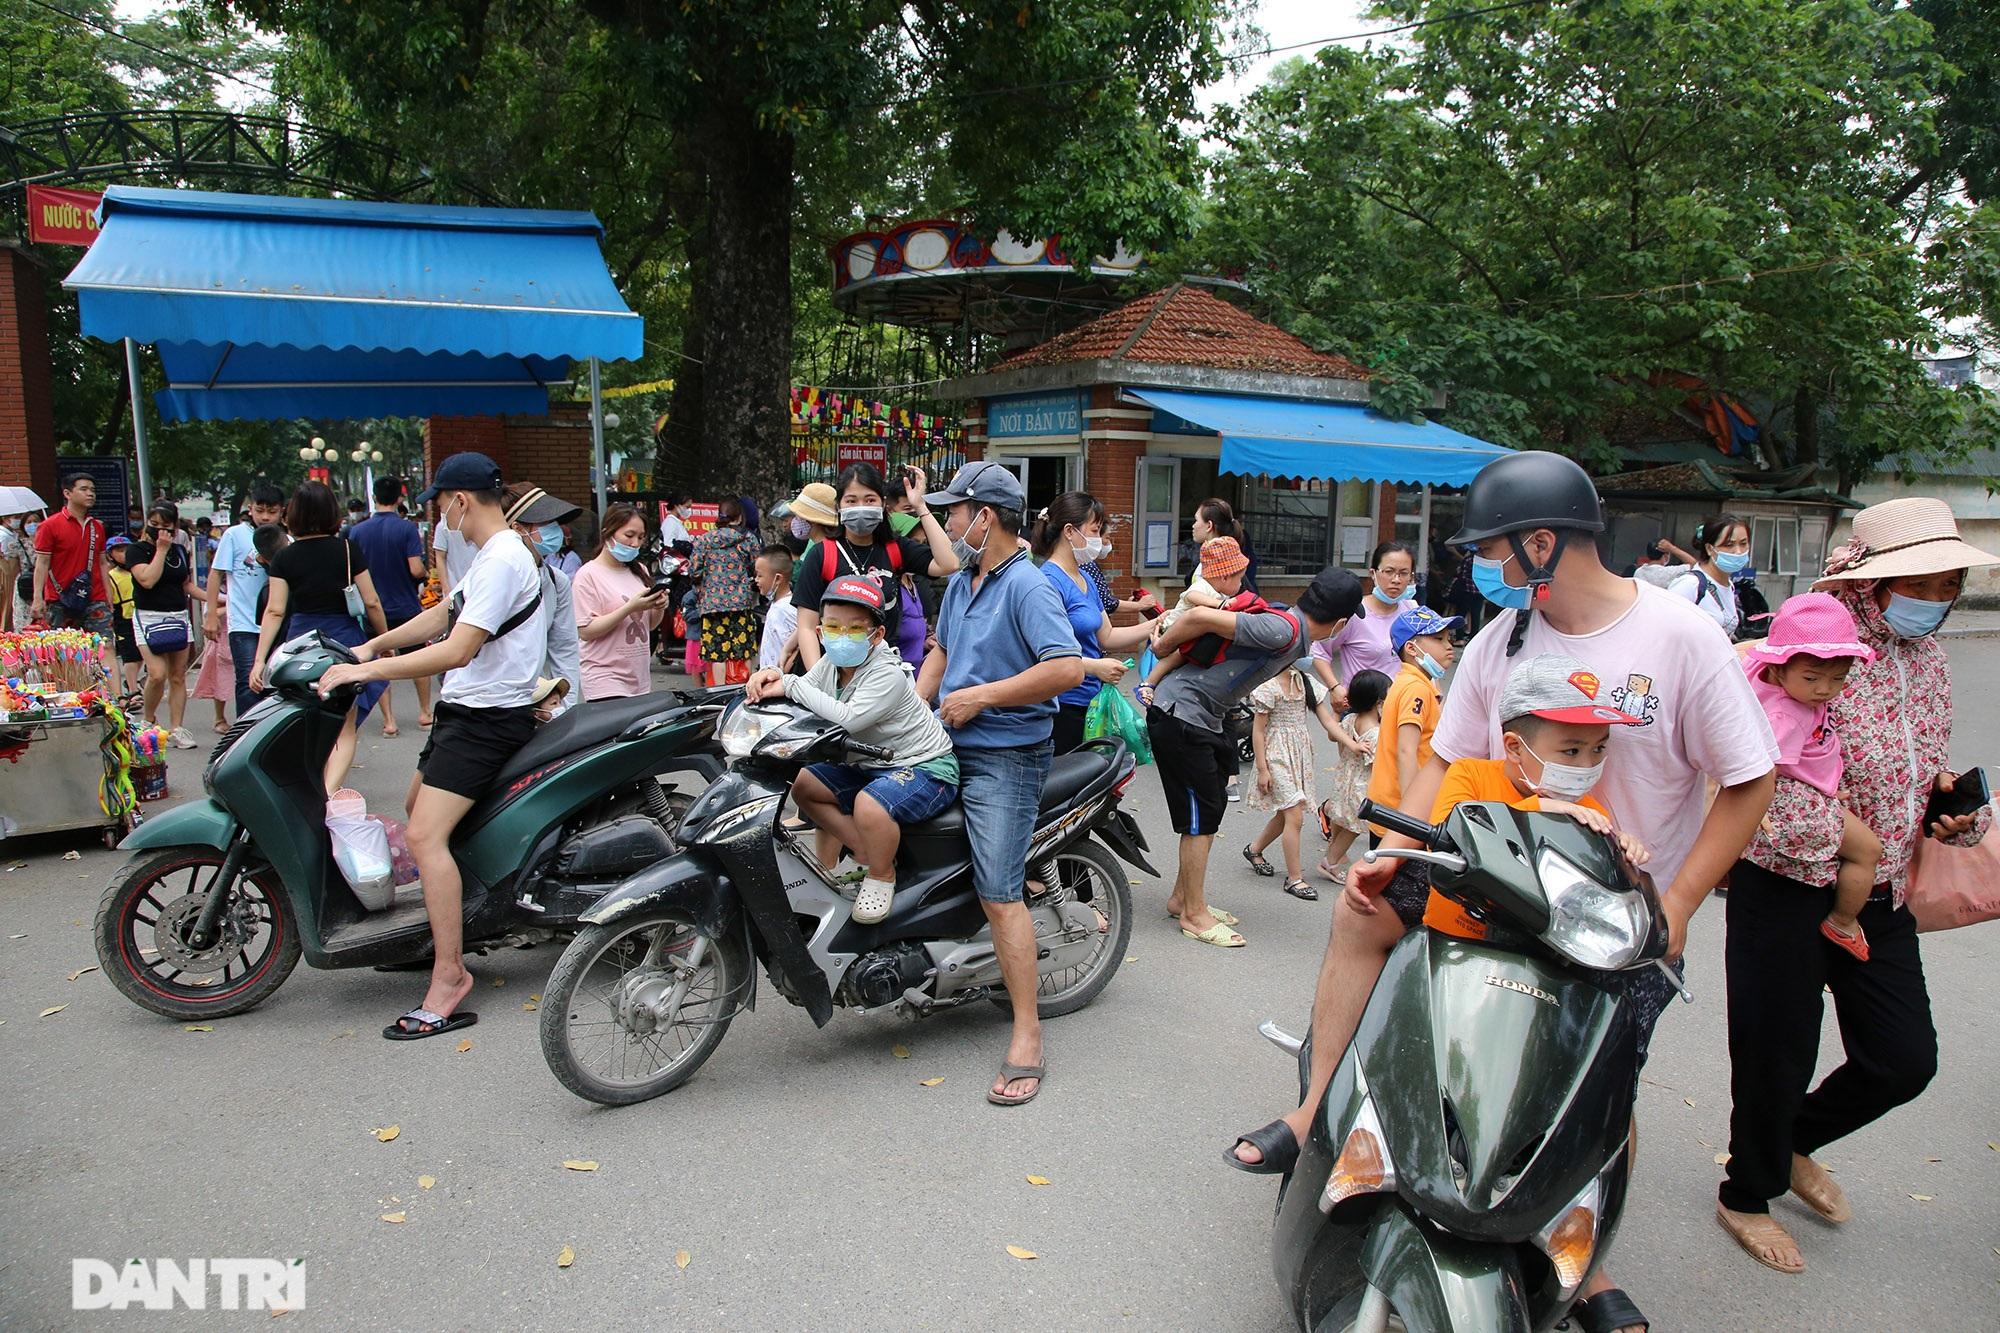 Mặc dù lo ngại dịch Covid-19, nhiều điểm vui chơi ở Hà Nội vẫn đông khách - 8